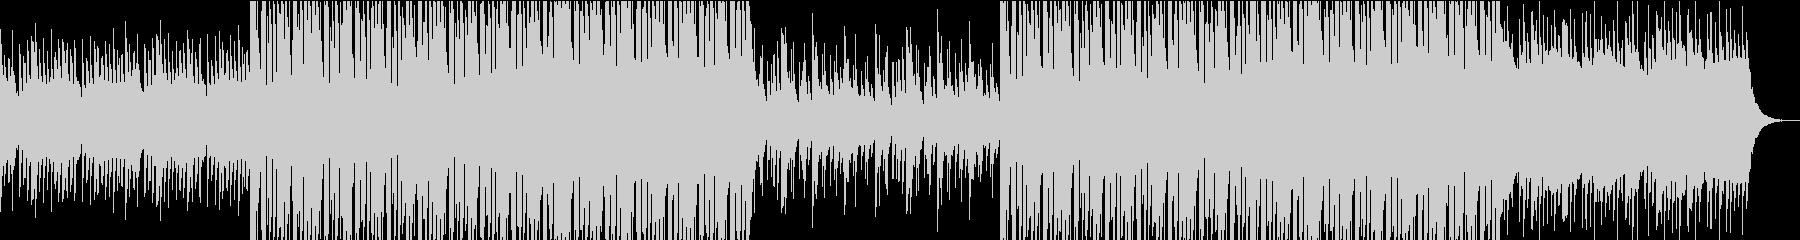 切ない和風のヒップホップ/琴/尺八の未再生の波形